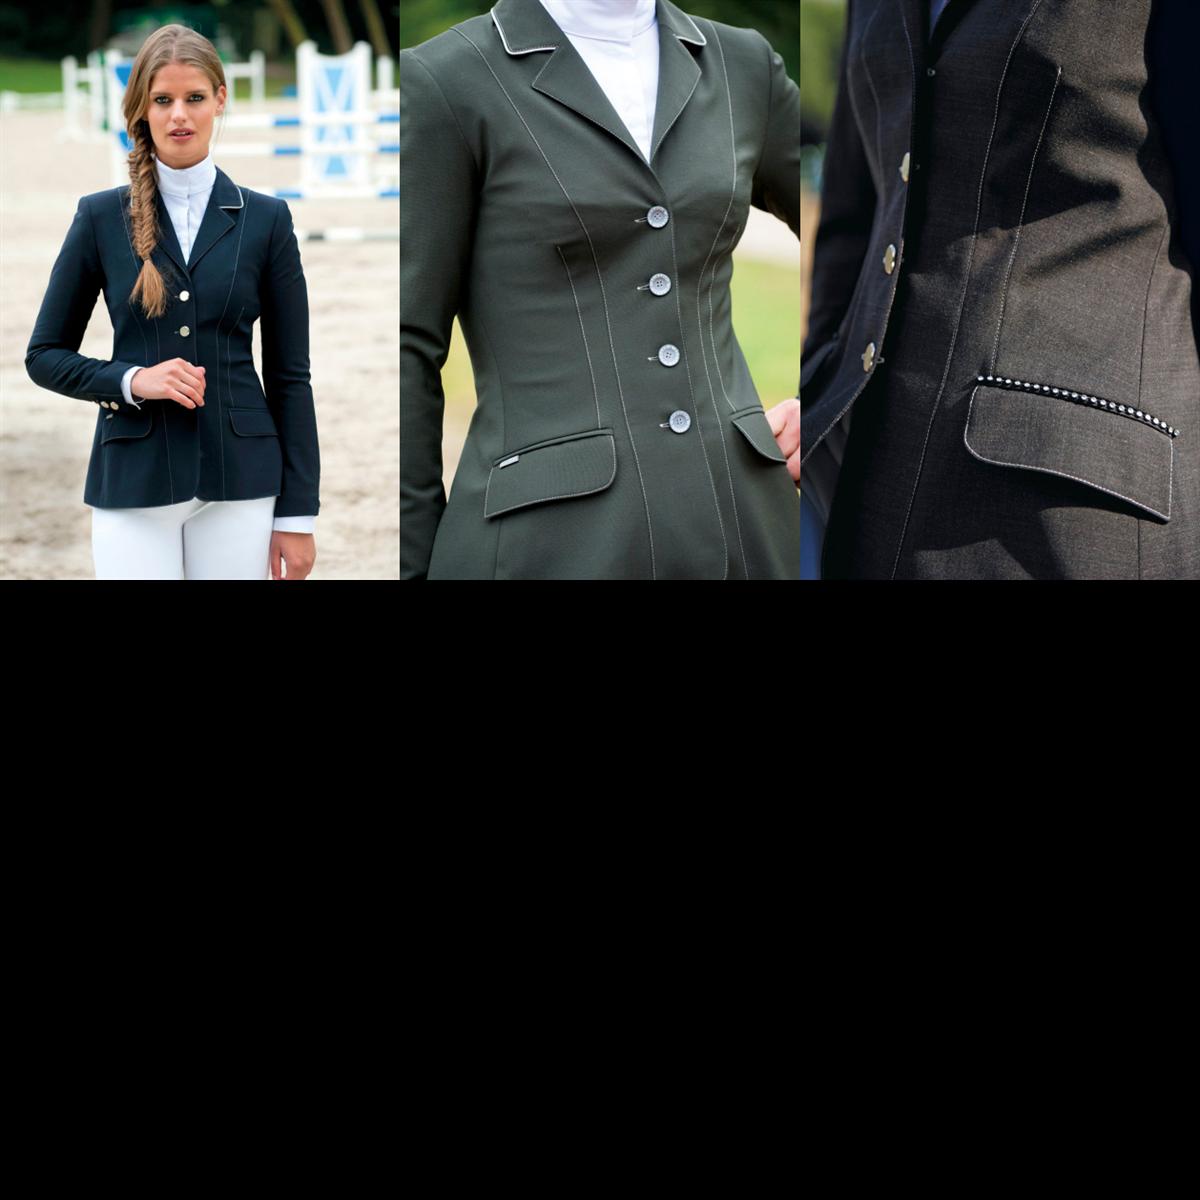 winston equestrian coats